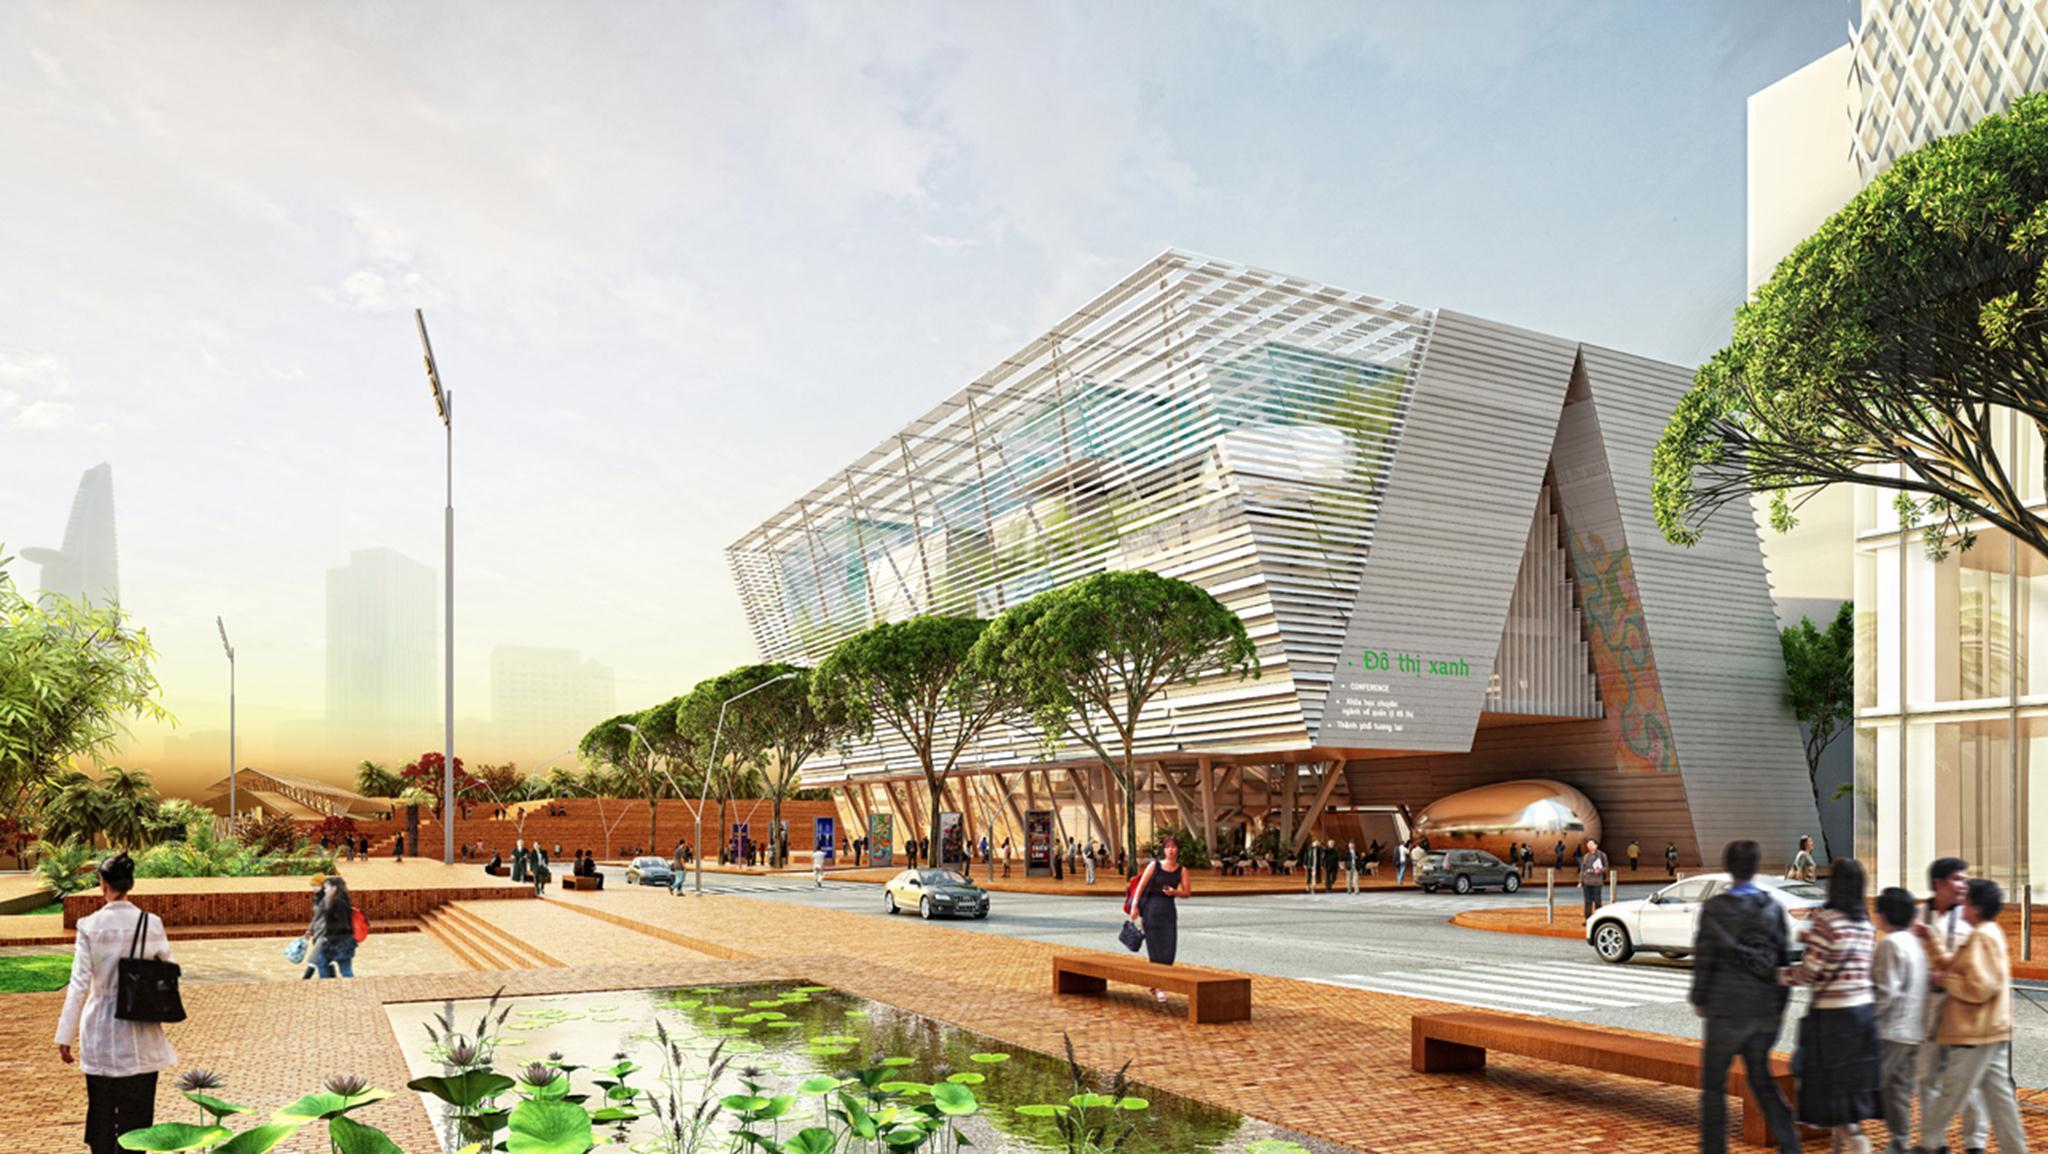 Trung tâm Triển lãm Quy hoạch Thành phố